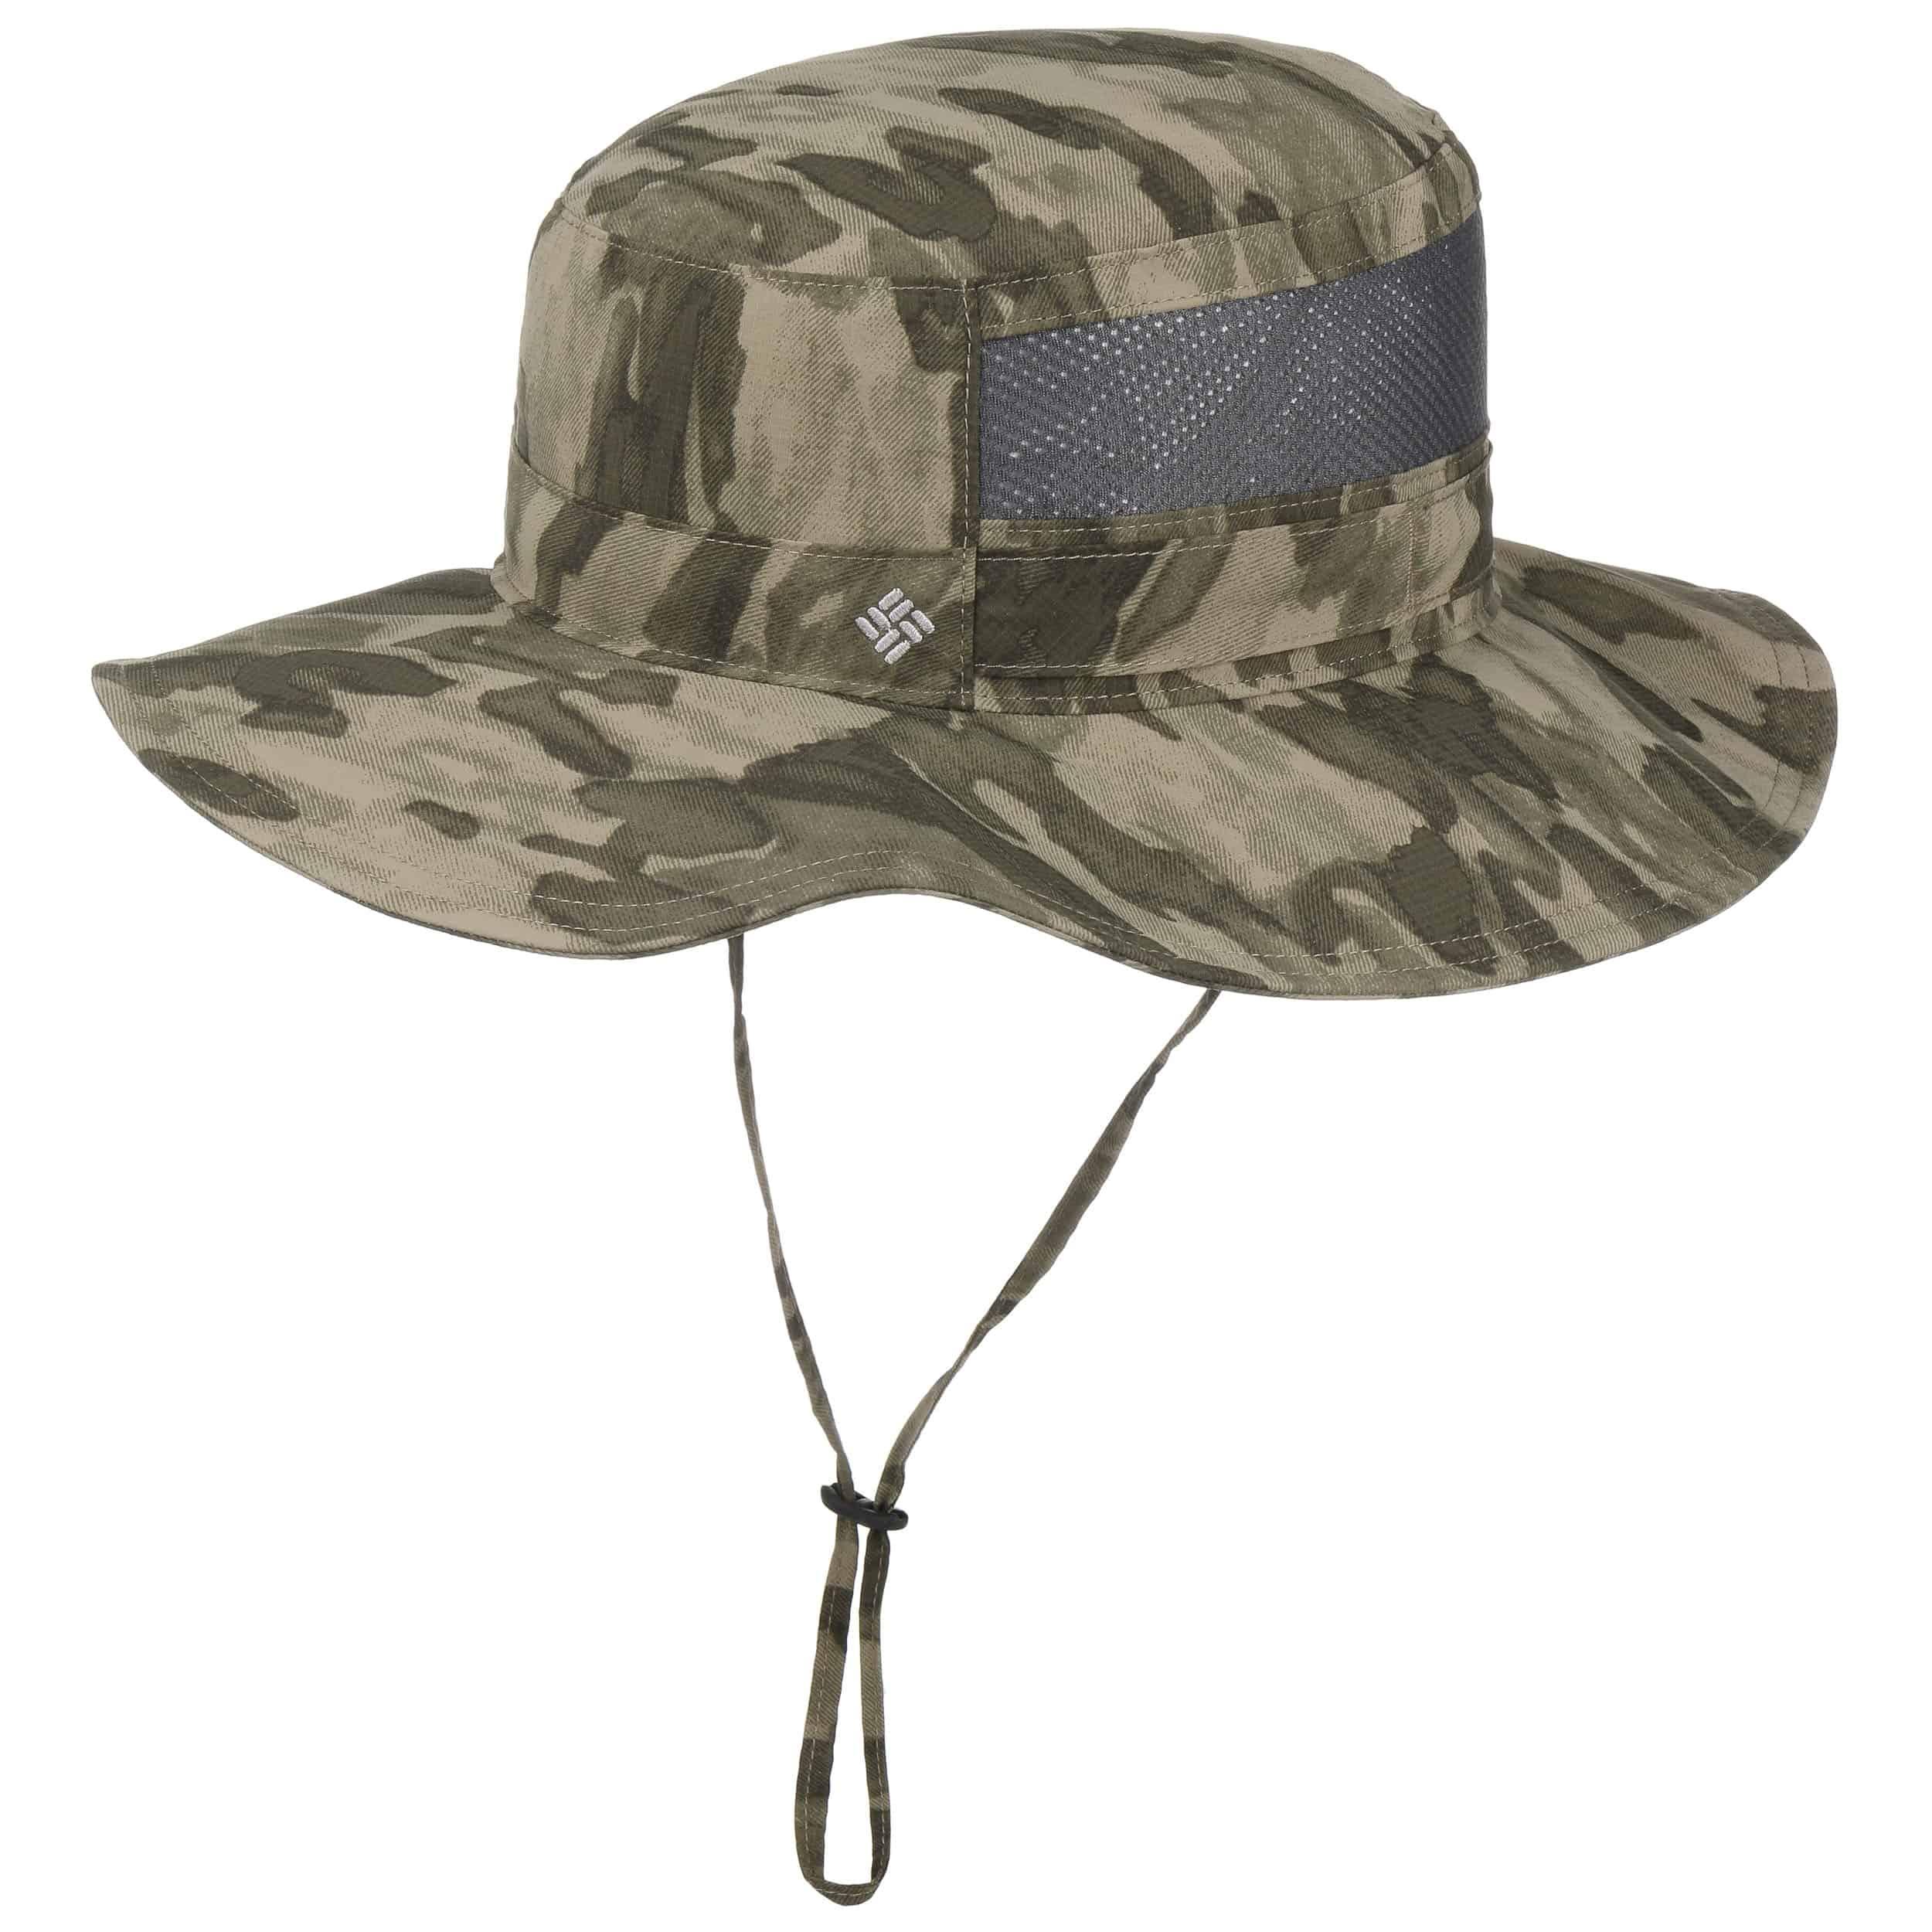 prix de détail nouveaux produits chauds belle qualité Bora Camo Sun Hat by Columbia